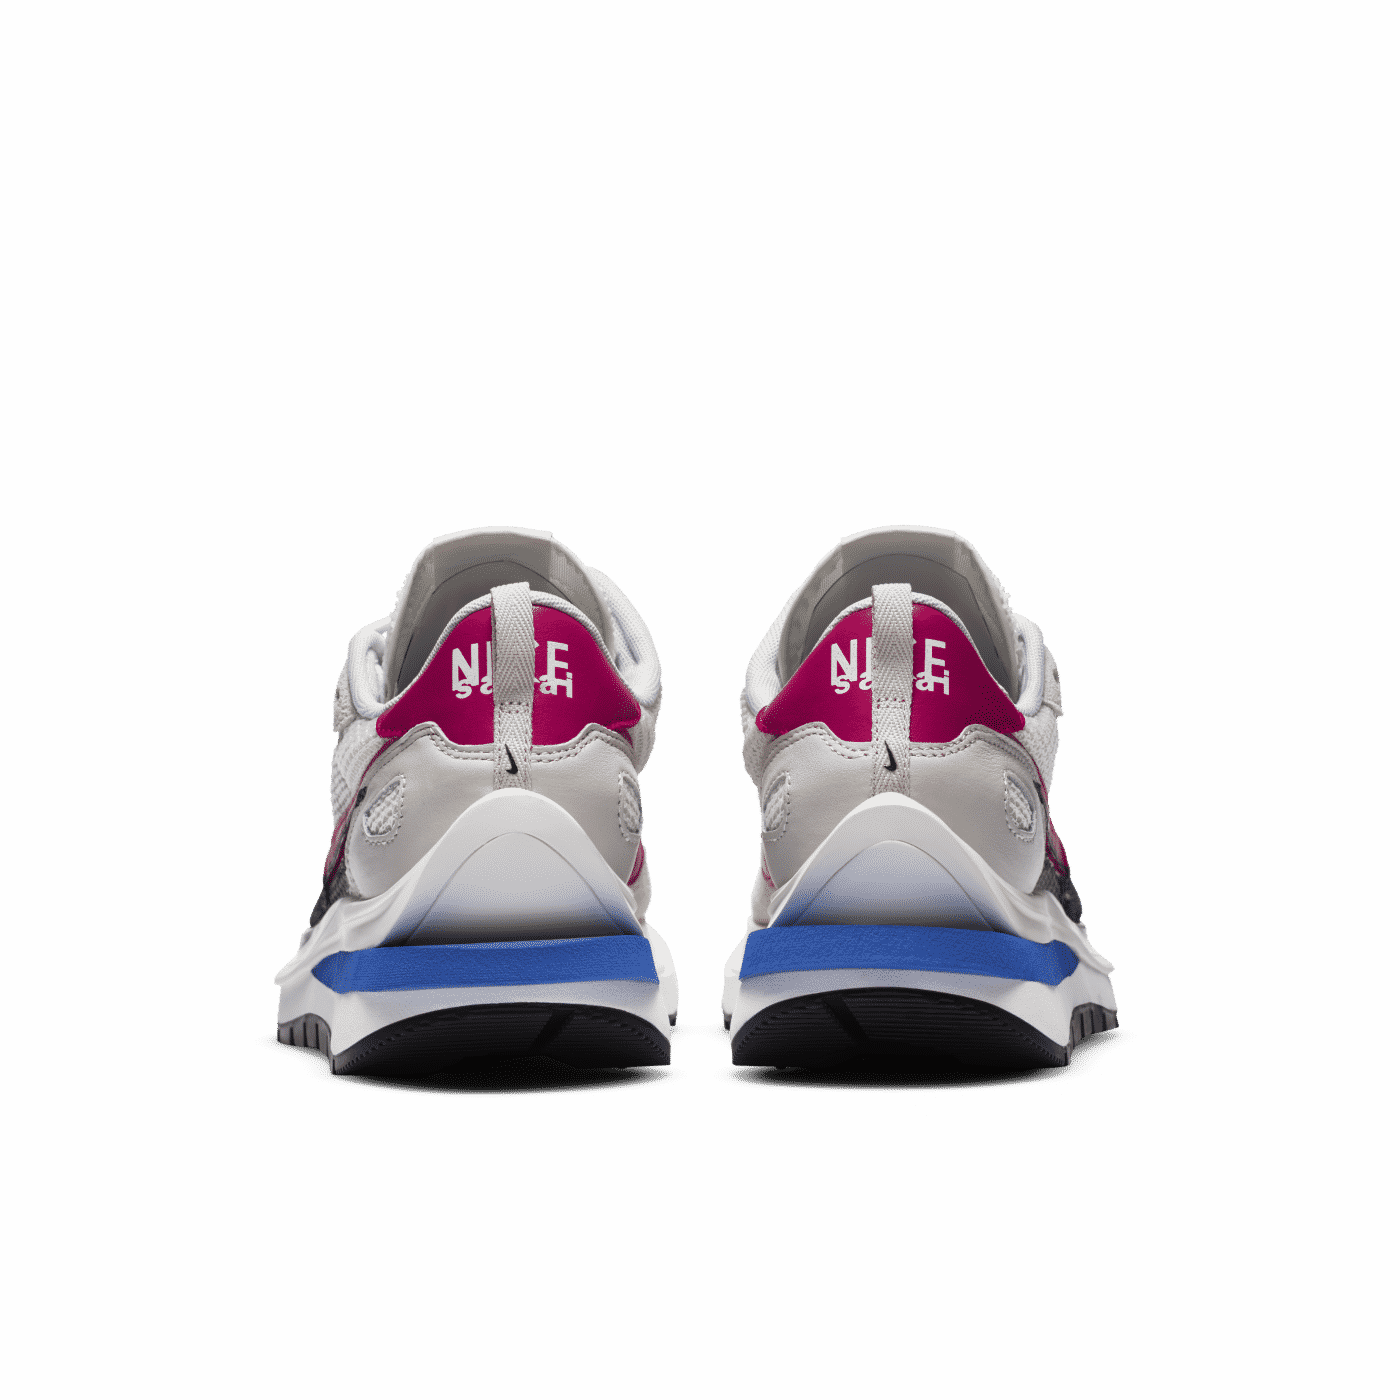 Nike_sacai_Vaporwaffle_beige_1